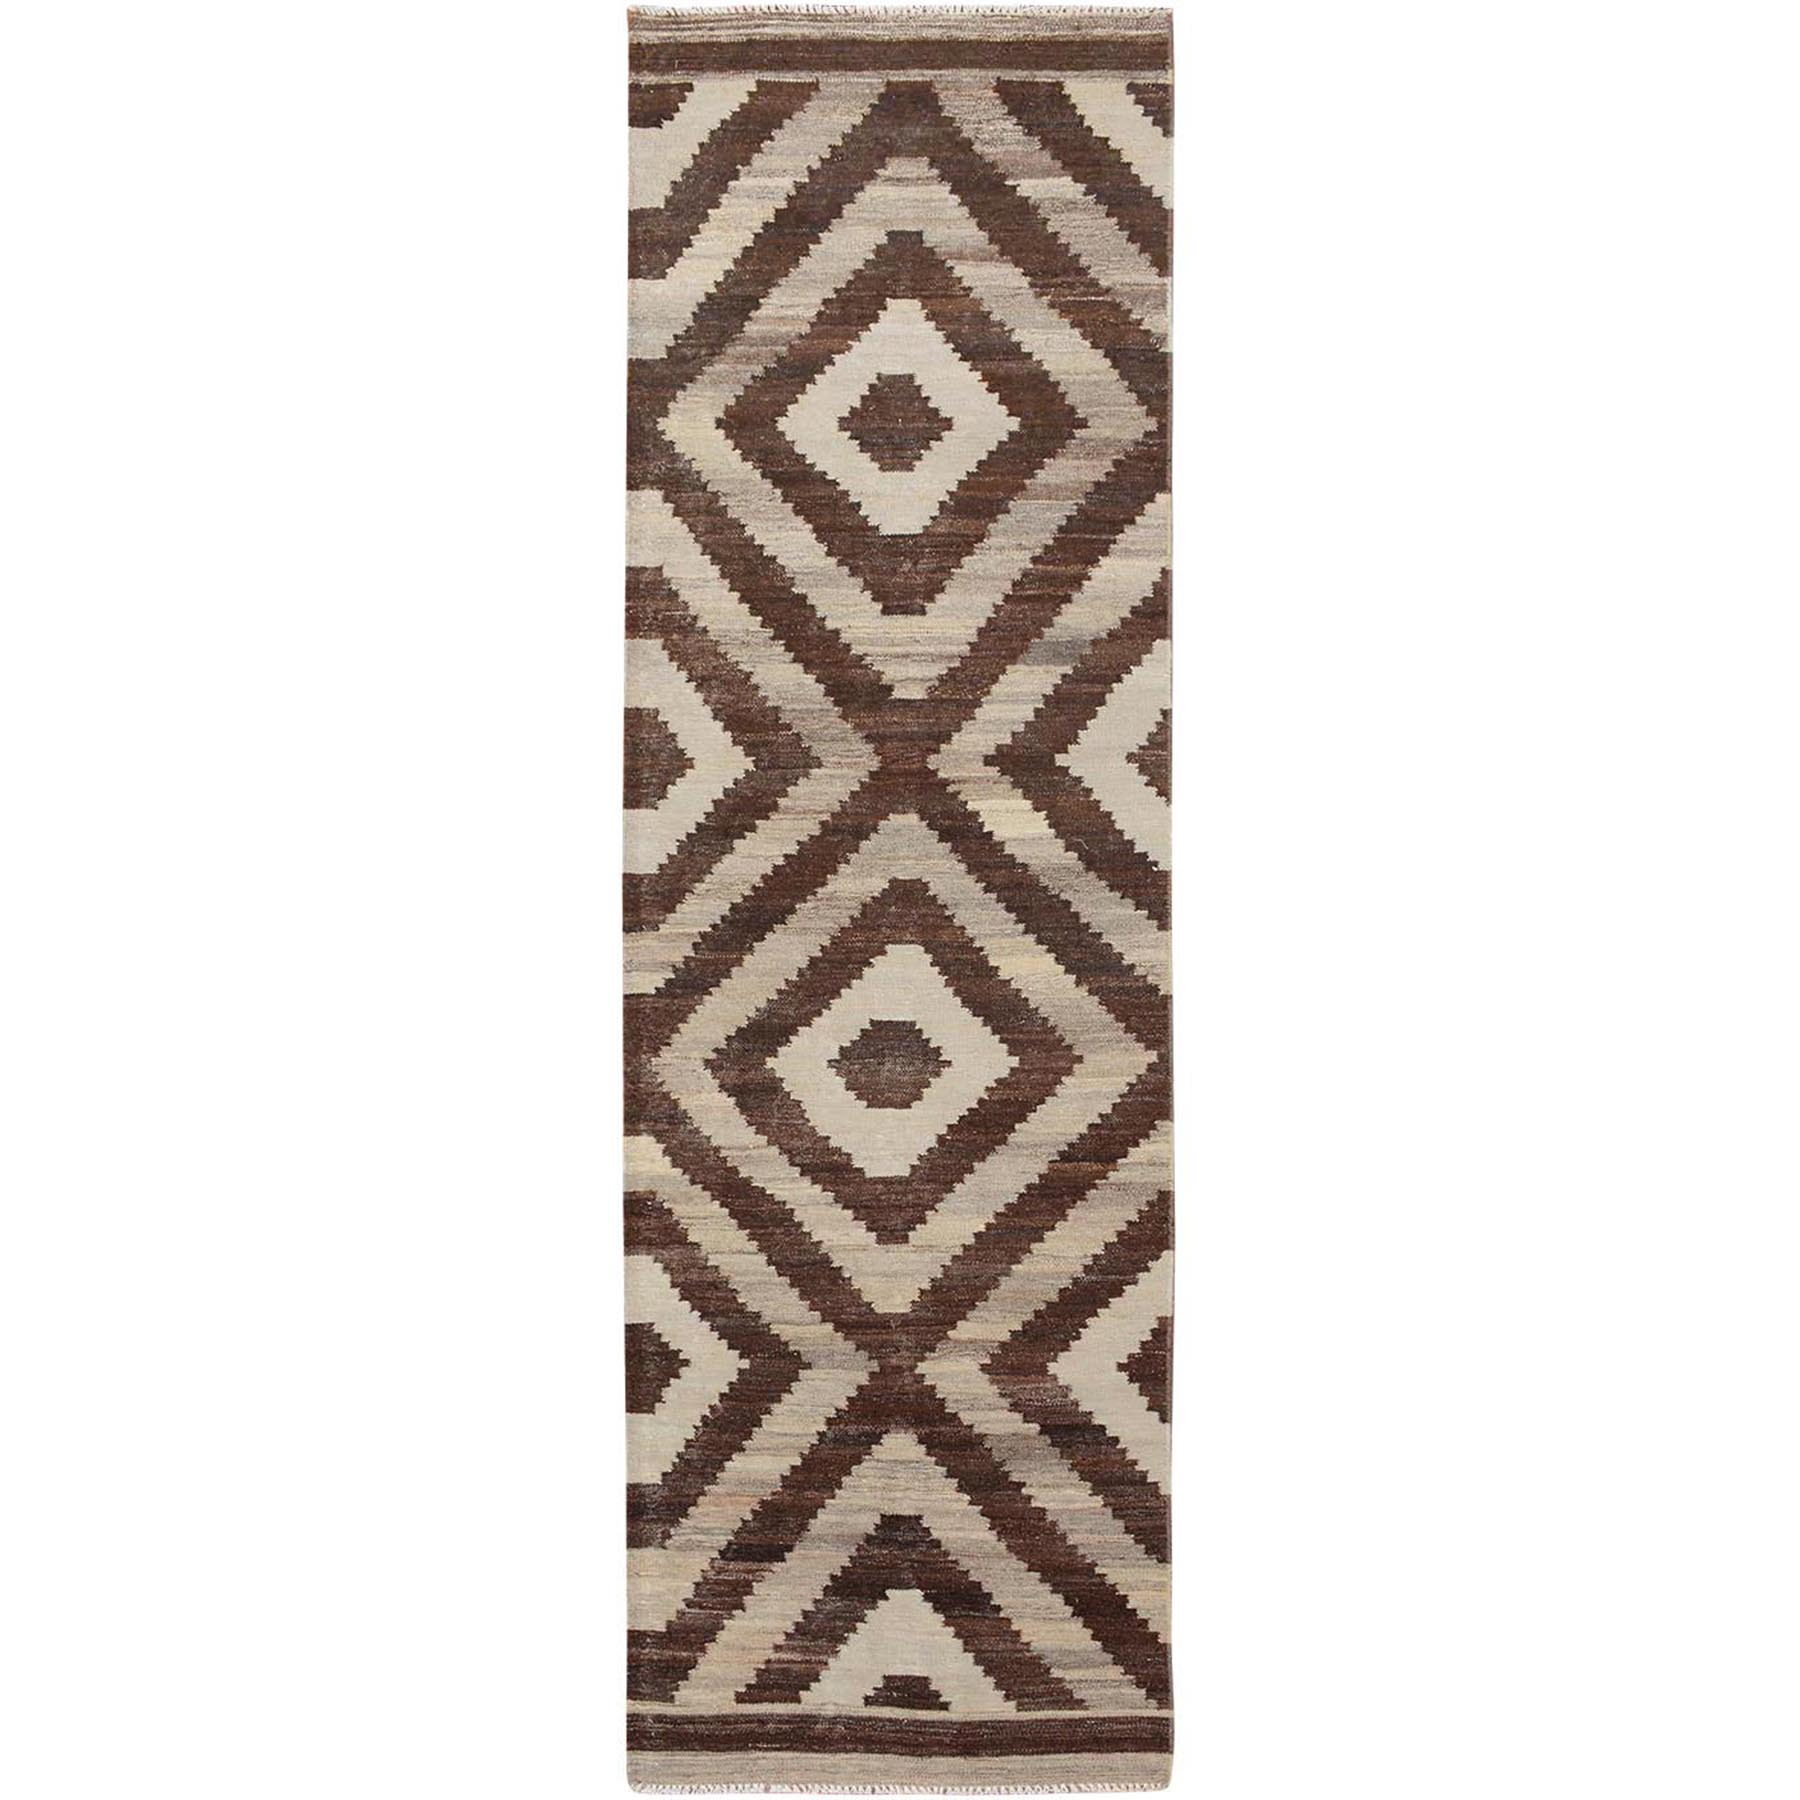 """2'10""""x10'1"""" Brown Reversible Afghan Kilim Flat weave Runner Hand Woven Oriental Rug"""